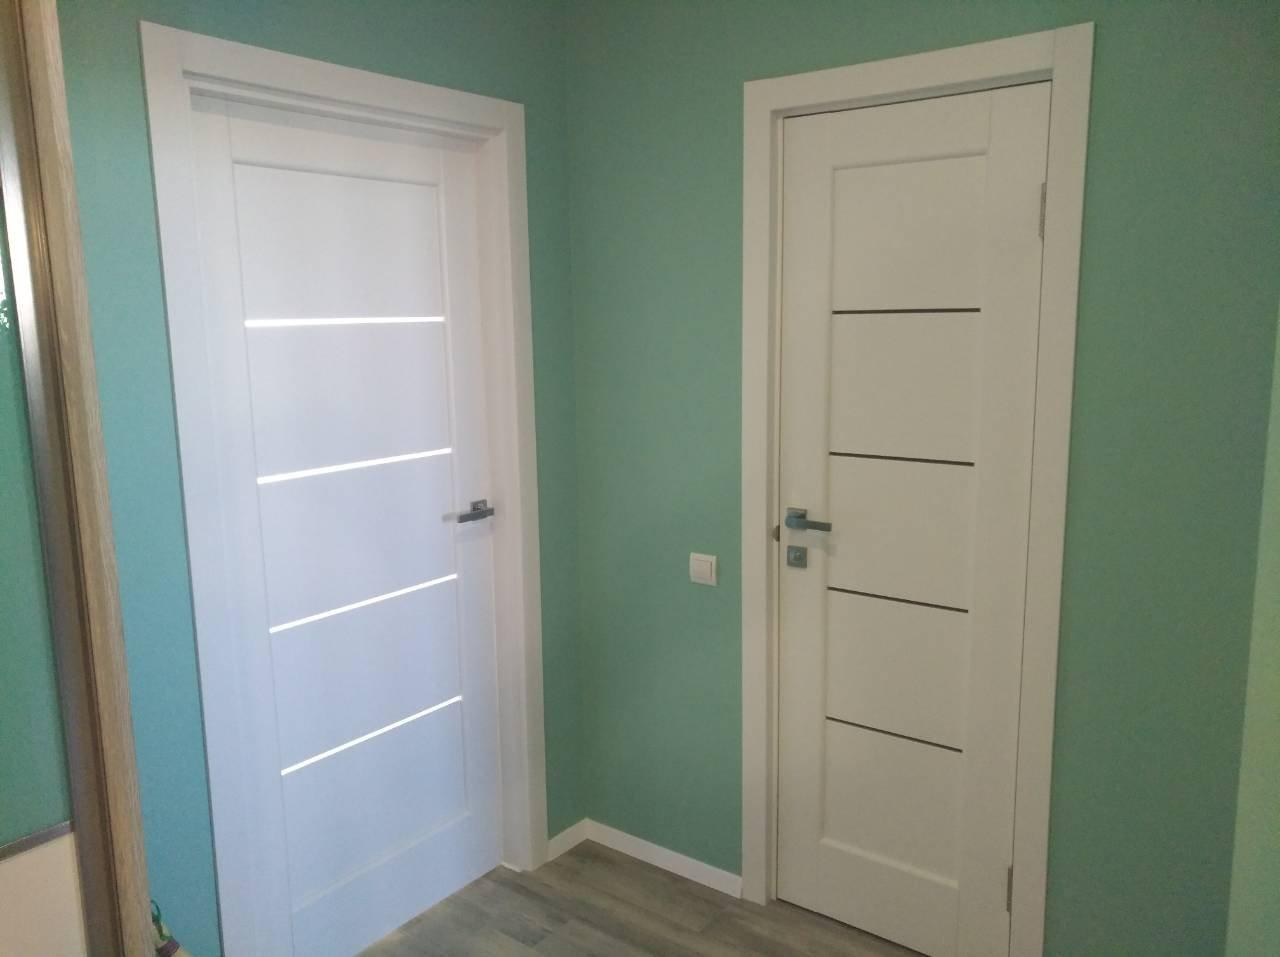 Двери Мира Новый Стиль белый мат премиум стекло Сатин - Межкомнатные двери — фото №7